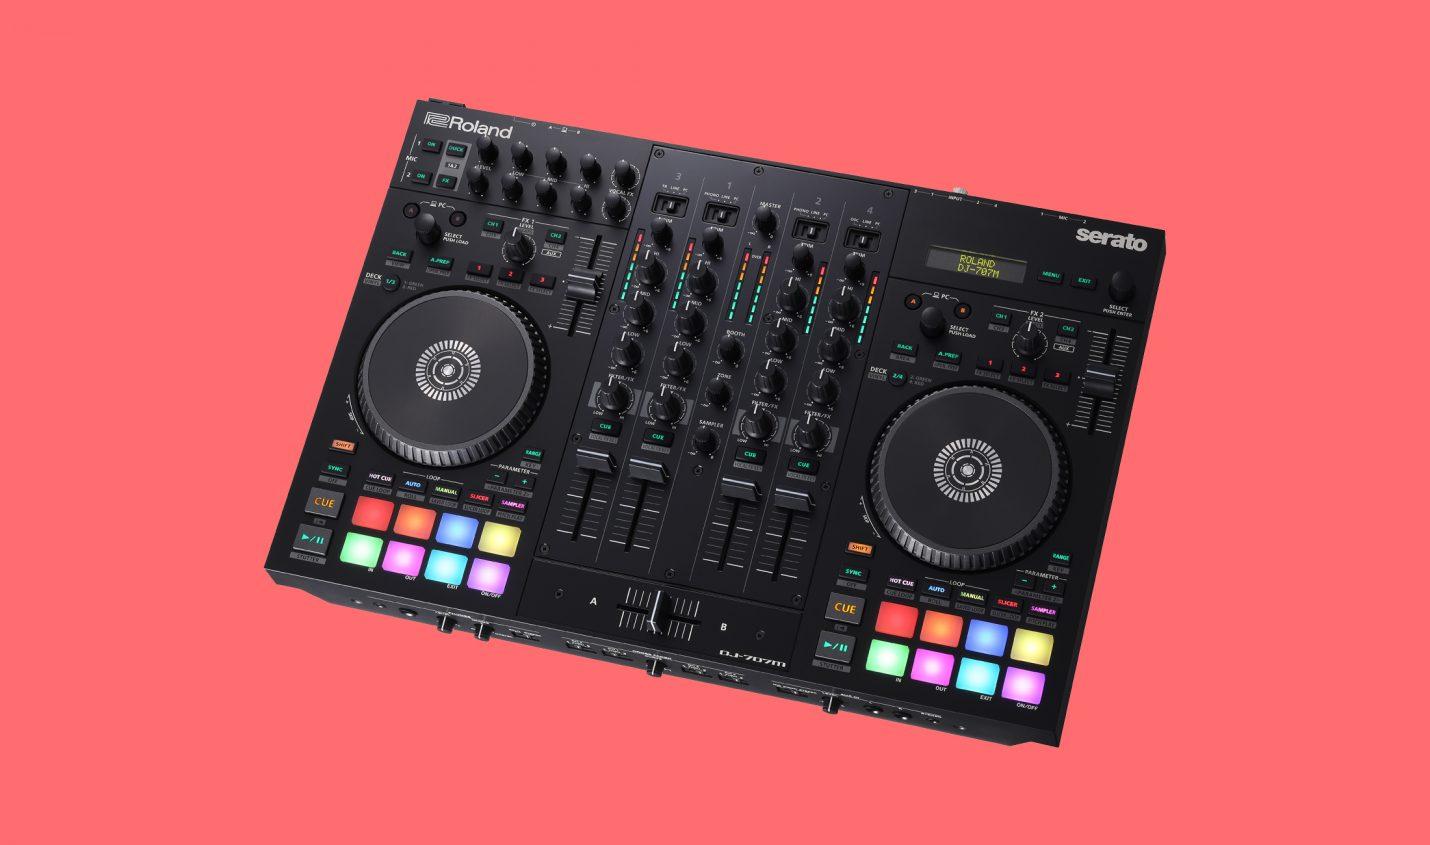 Neu: Roland stellt Serato-Controller DJ-707M vor